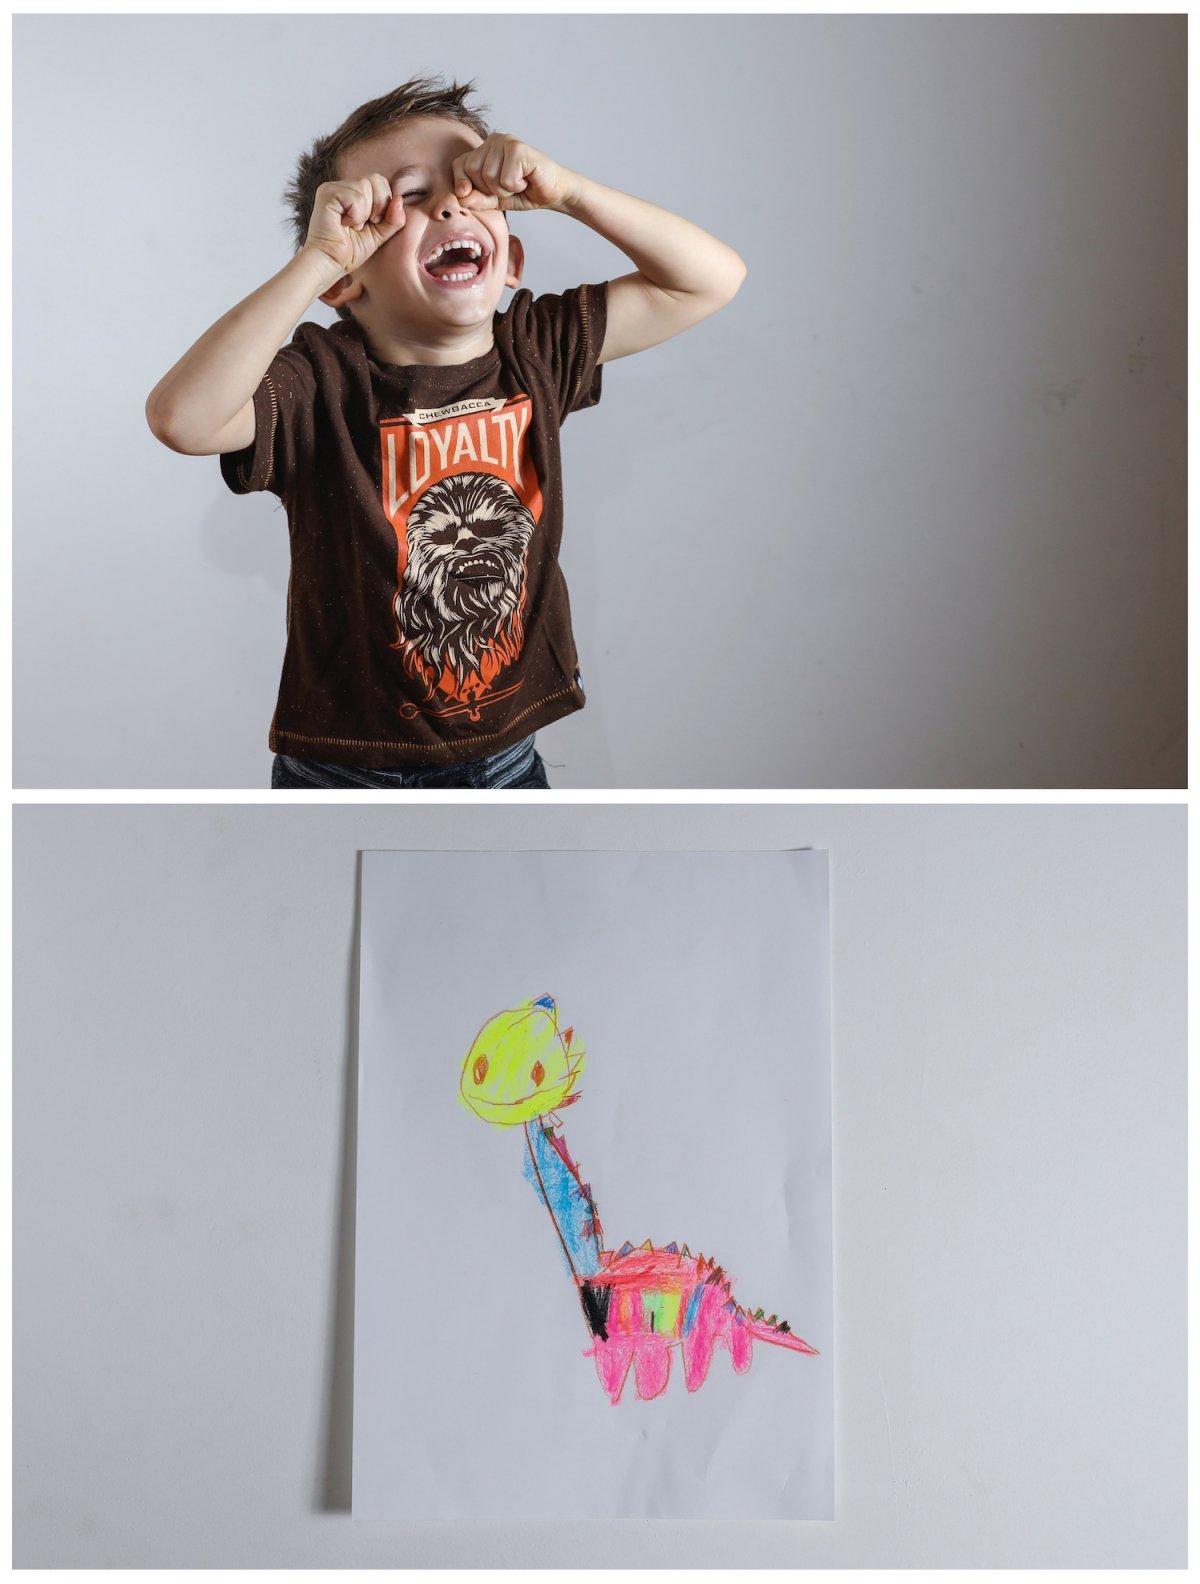 2. Четырехлетний Макс из Белграда хотел бы получить в подарок игрушечного динозавра.